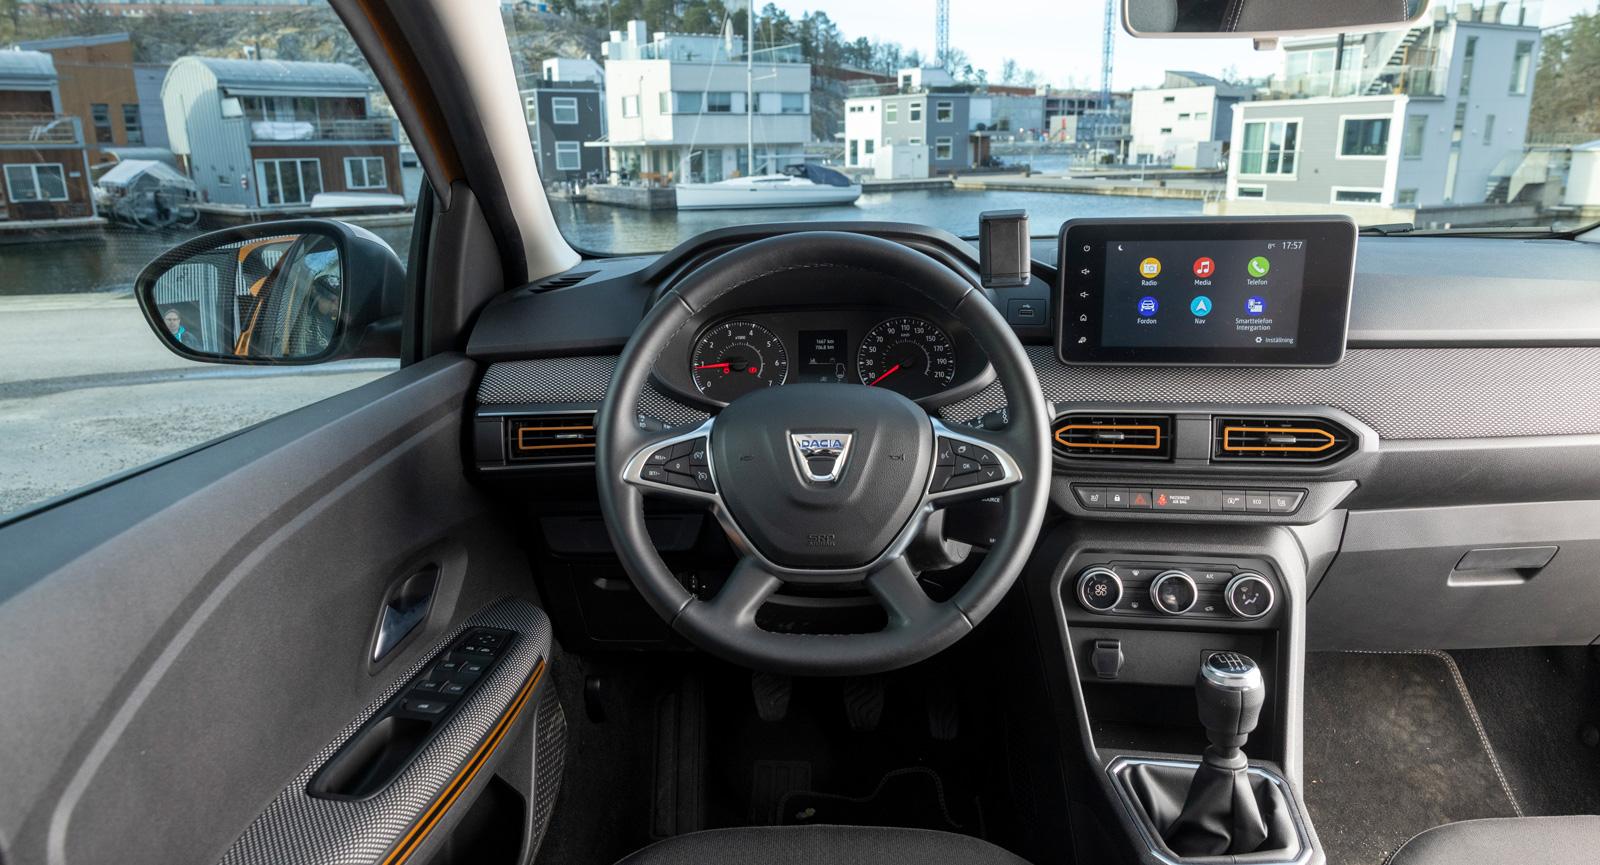 Dacia: Instrumentpanelen är delvis textilklädd, det känns påkostat. Orange accenter på dörrhandtag och friskluftsutblås särskiljer Stepway. Hal ratt.